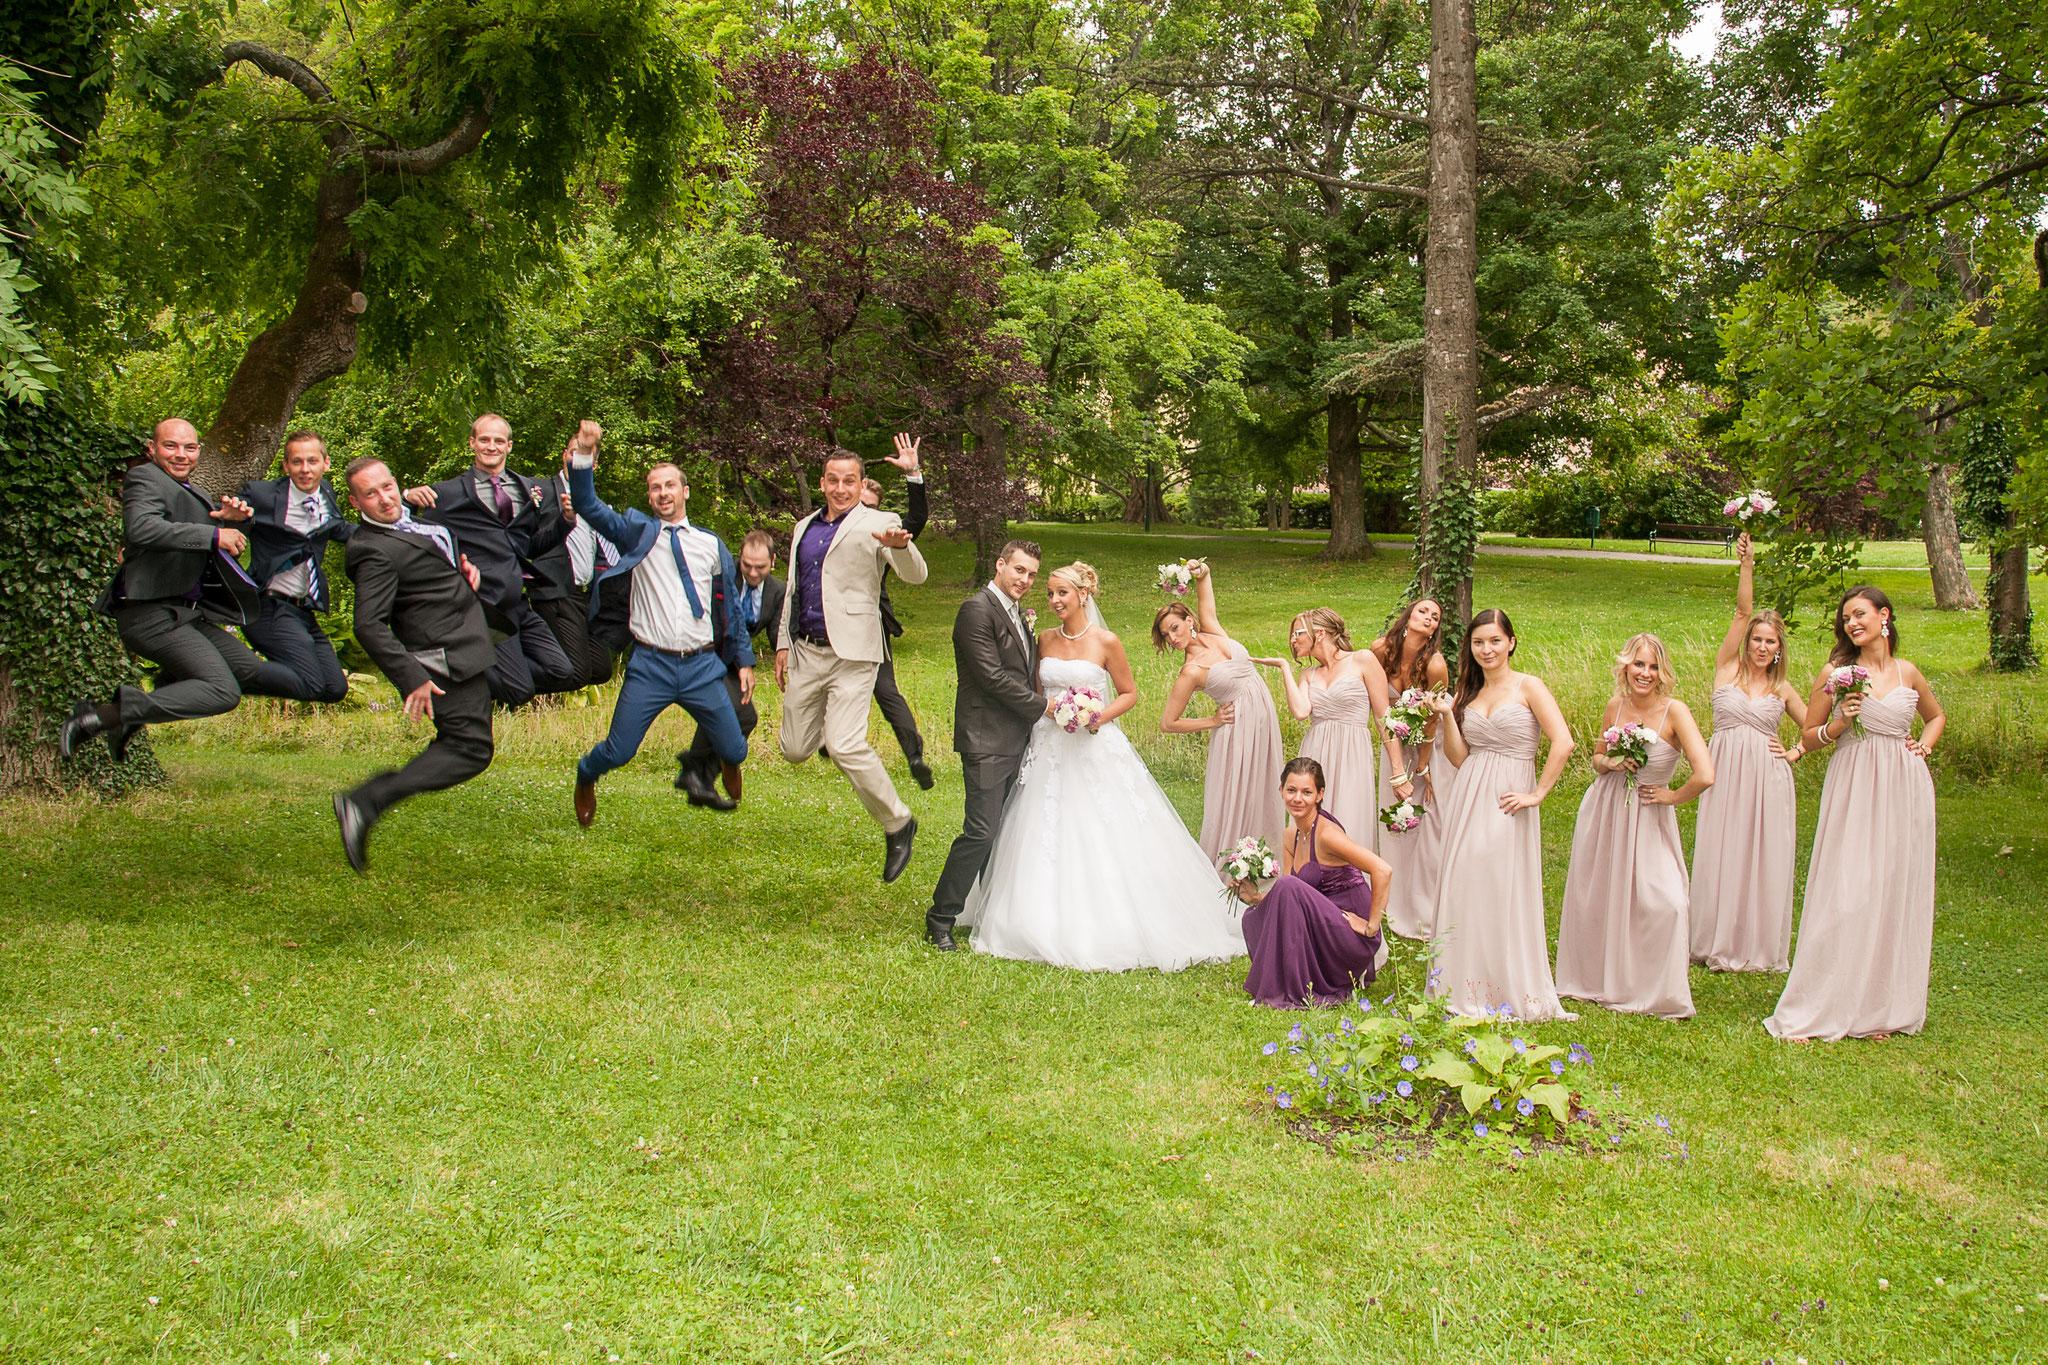 Brautjungfern und Groomsmen - tolles Fotomotiv! (c) Corinna Pernitsch